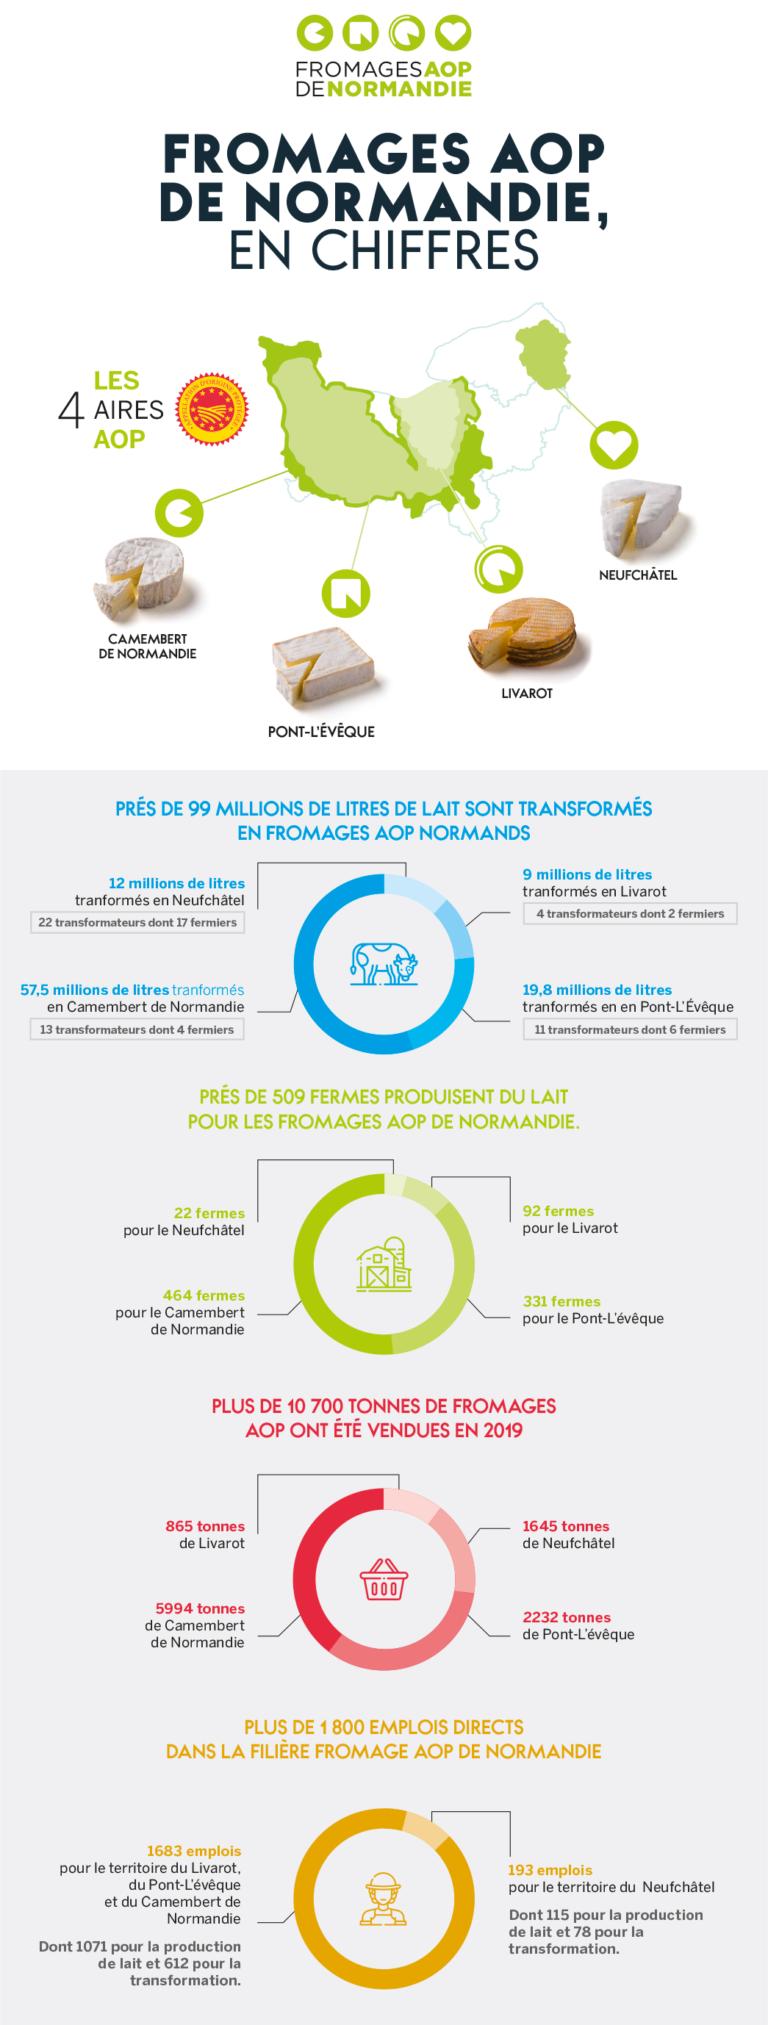 Chiffres clés des Fromages AOP de Normandie (données 2019 - edition 2020)